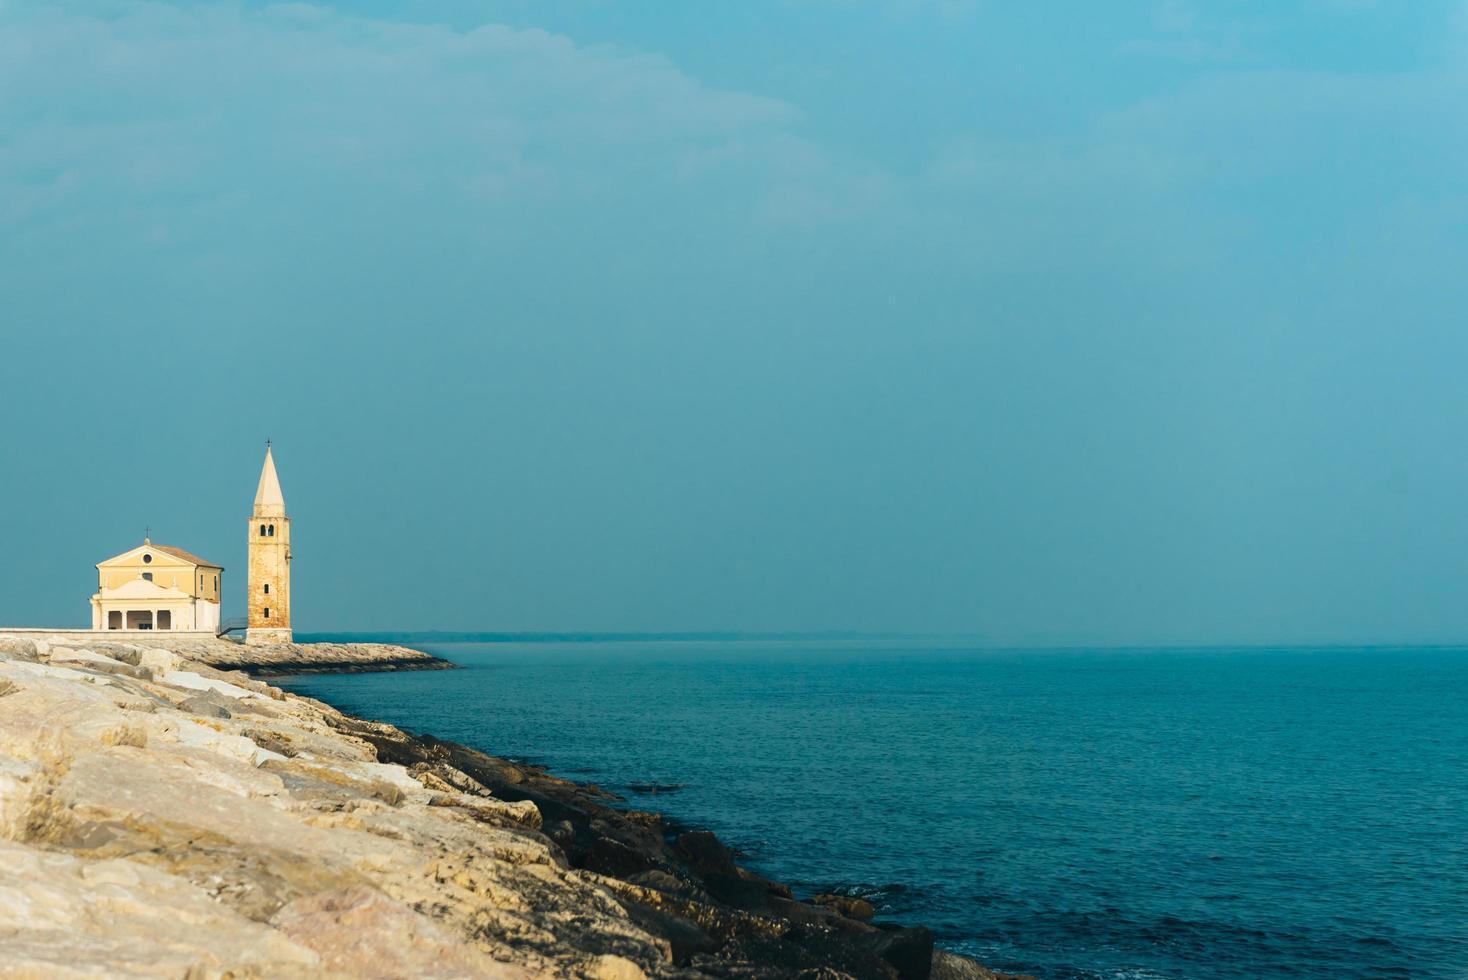 kerk van onze lieve vrouw van de engel op het strand van caorle italië foto